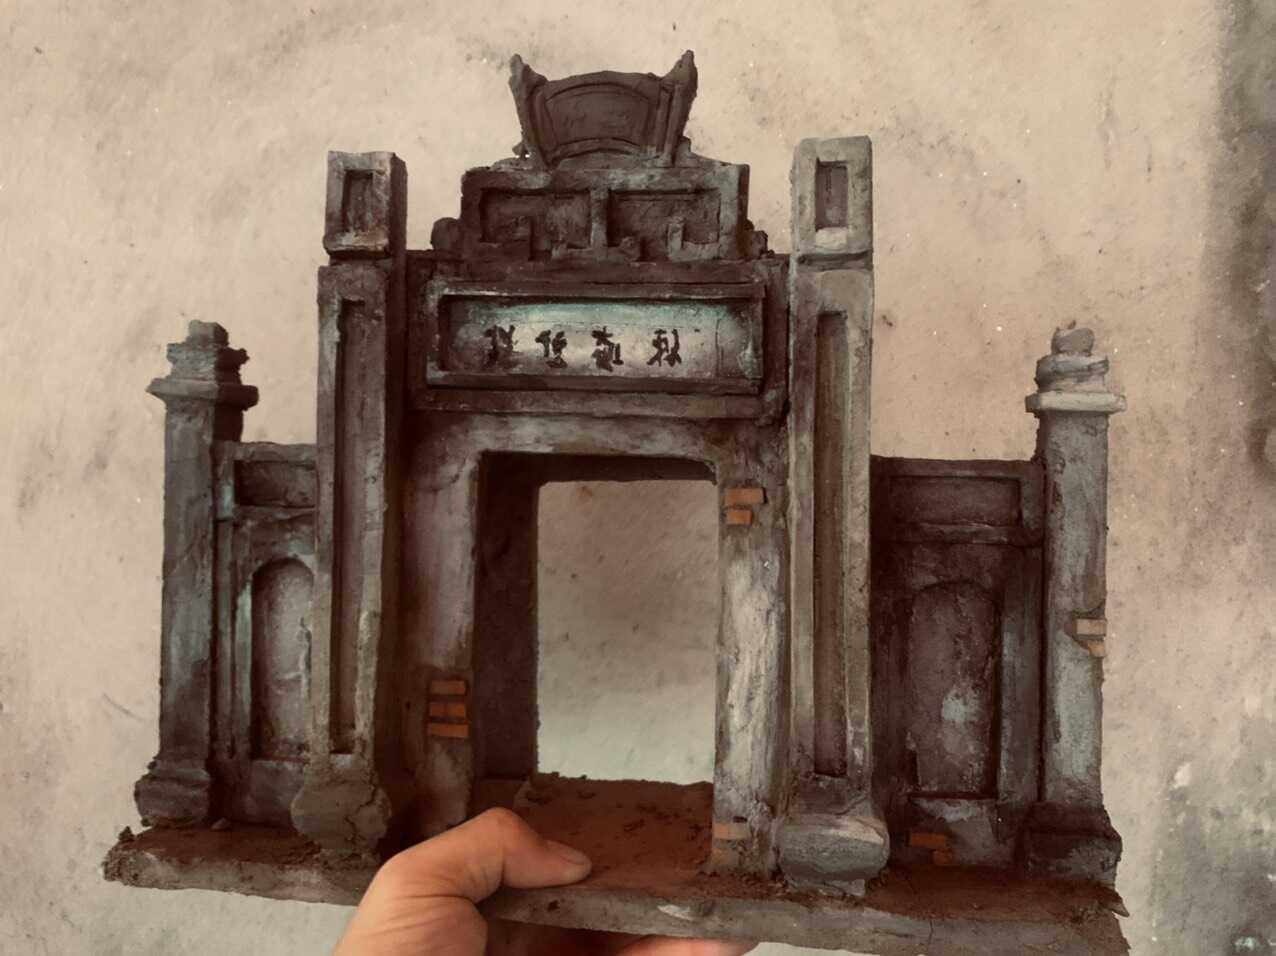 Tiểu Cảnh Kiến Trúc Cổ Việt Nam Cổng Làng